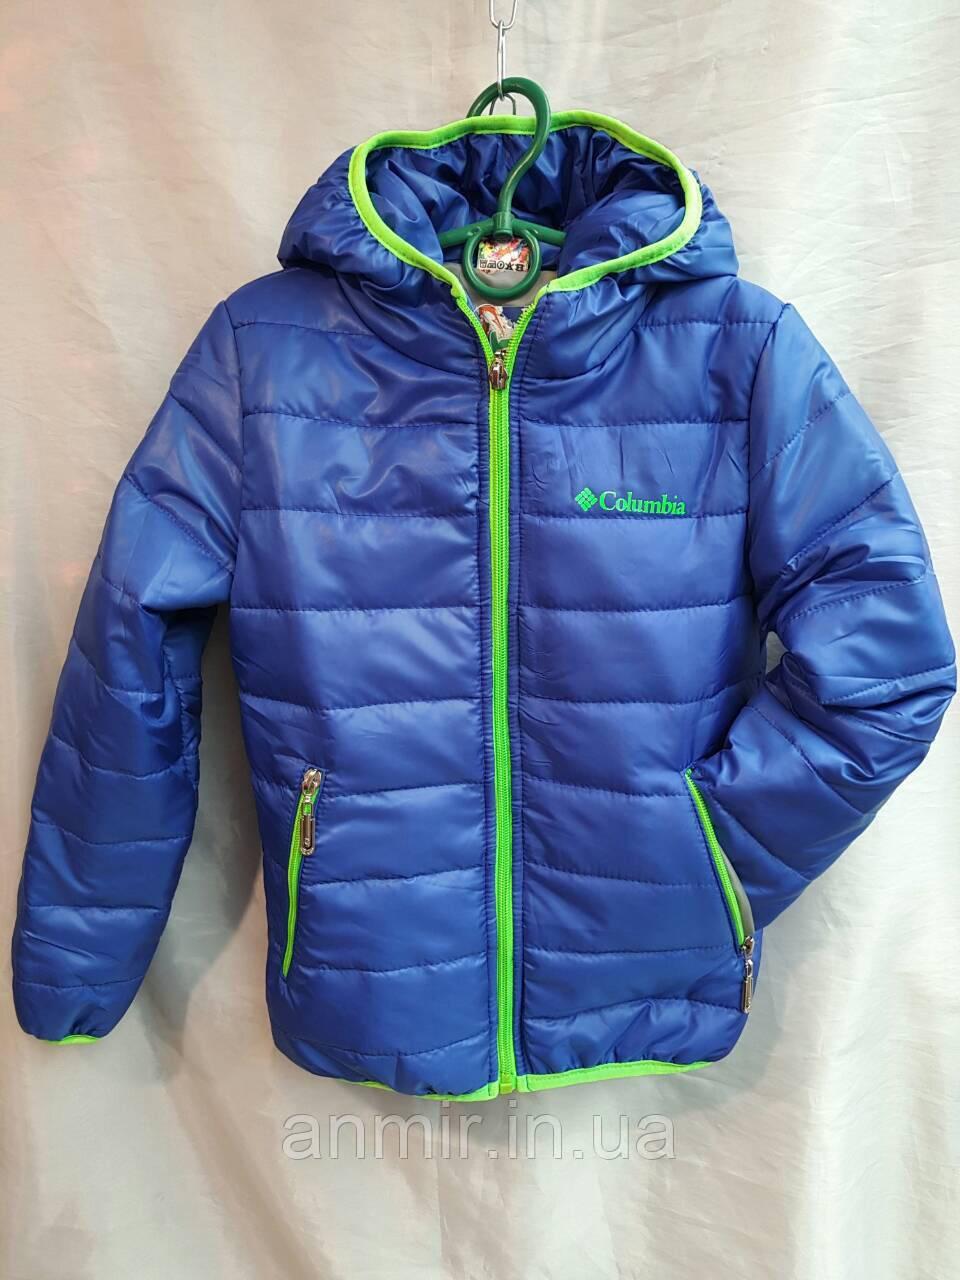 Куртка подростковаядемисезонная Columbia для мальчика8-12 лет,синяя, фото 1